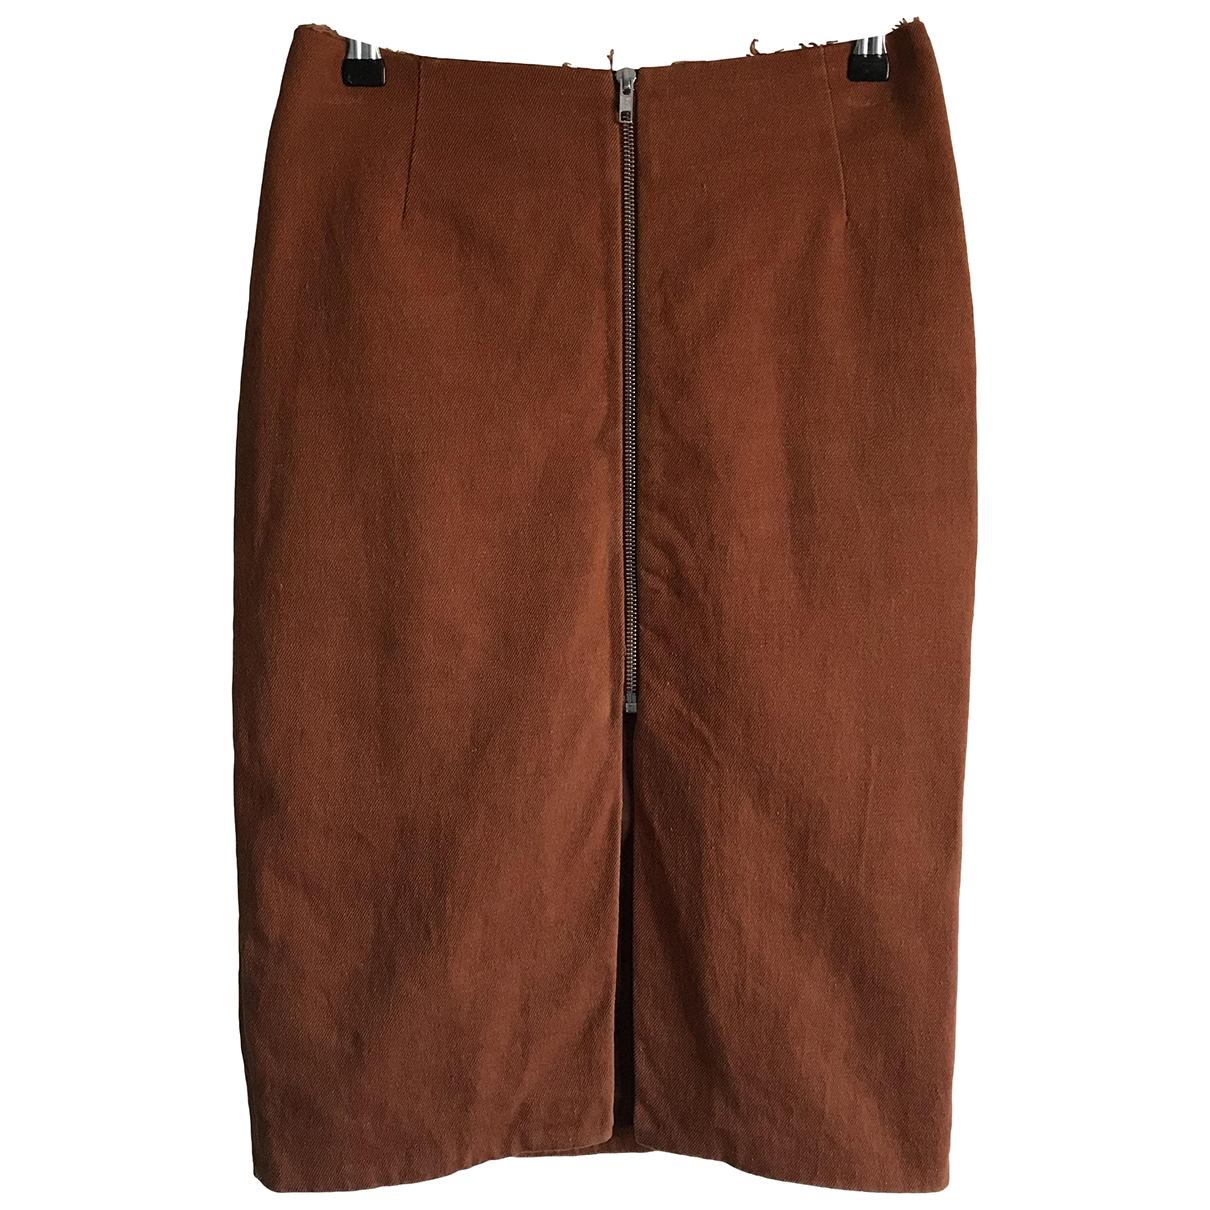 Acne Studios \N Cotton skirt for Women 38 FR